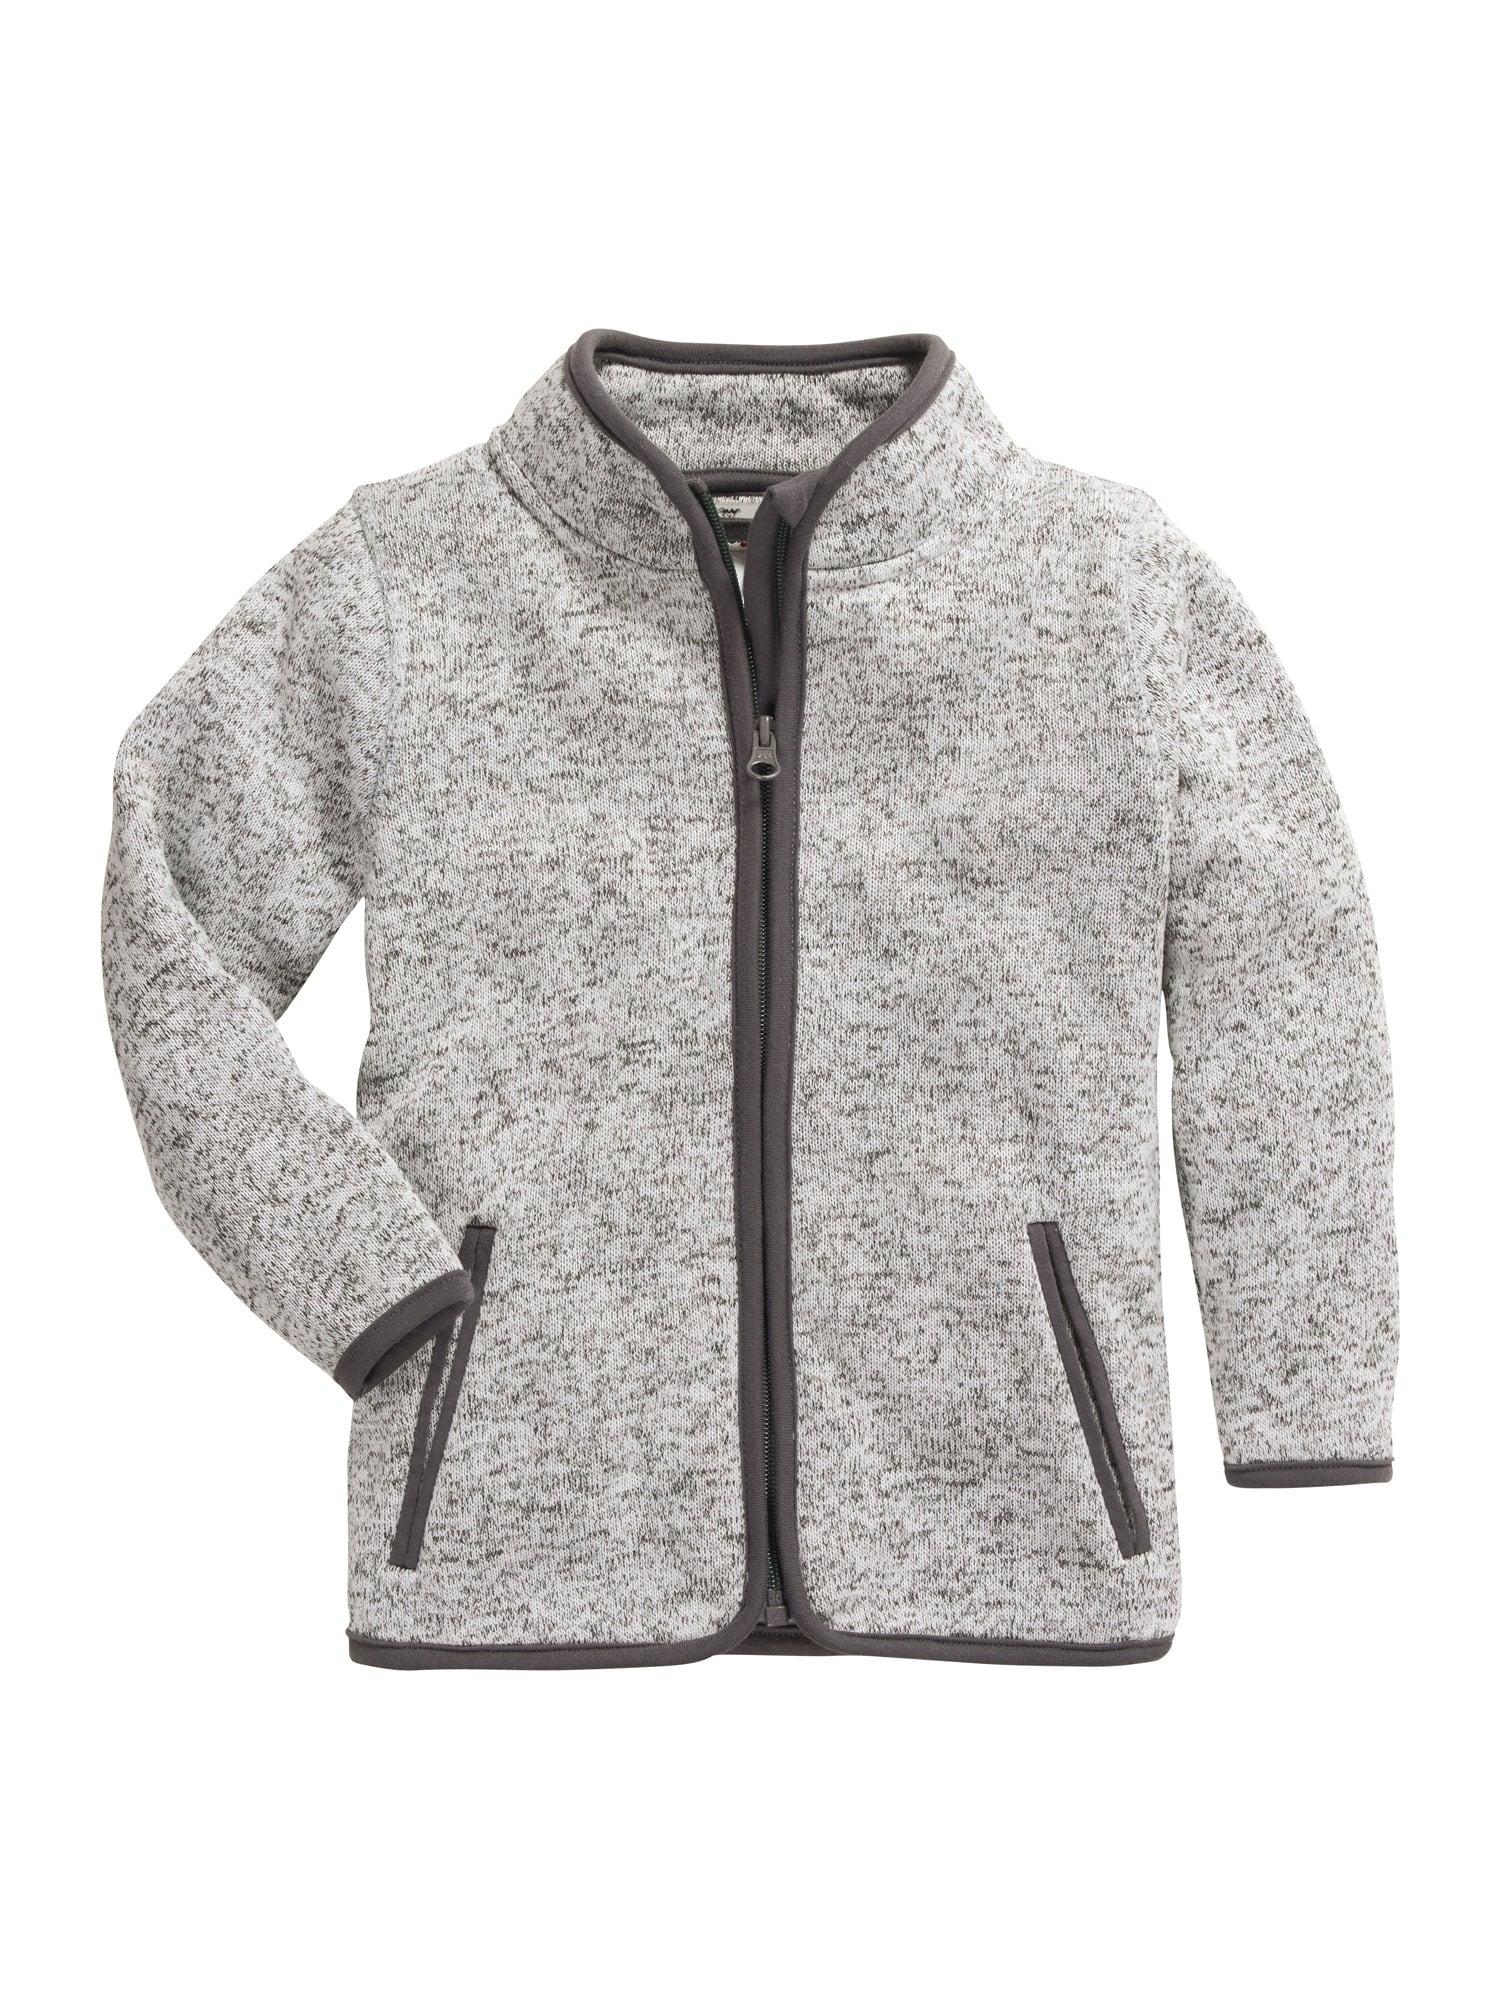 PLAYSHOES Flisinis džemperis margai pilka / tamsiai pilka